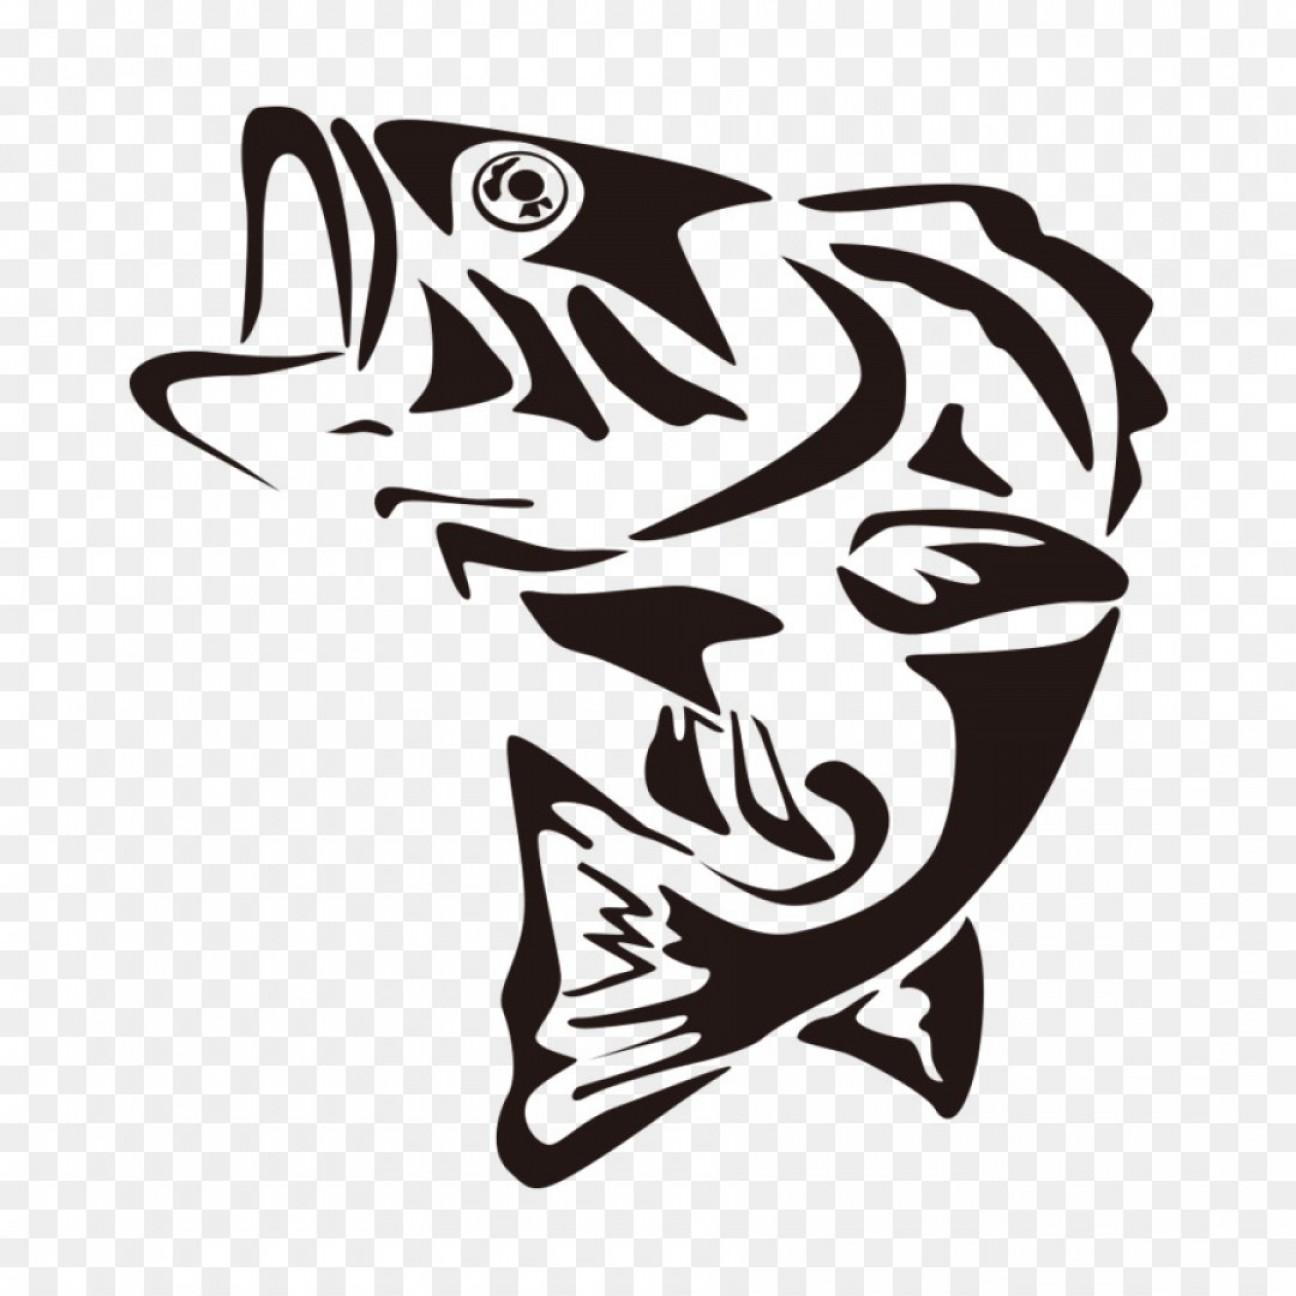 Bass clipart bass fish, Bass bass fish Transparent FREE for.